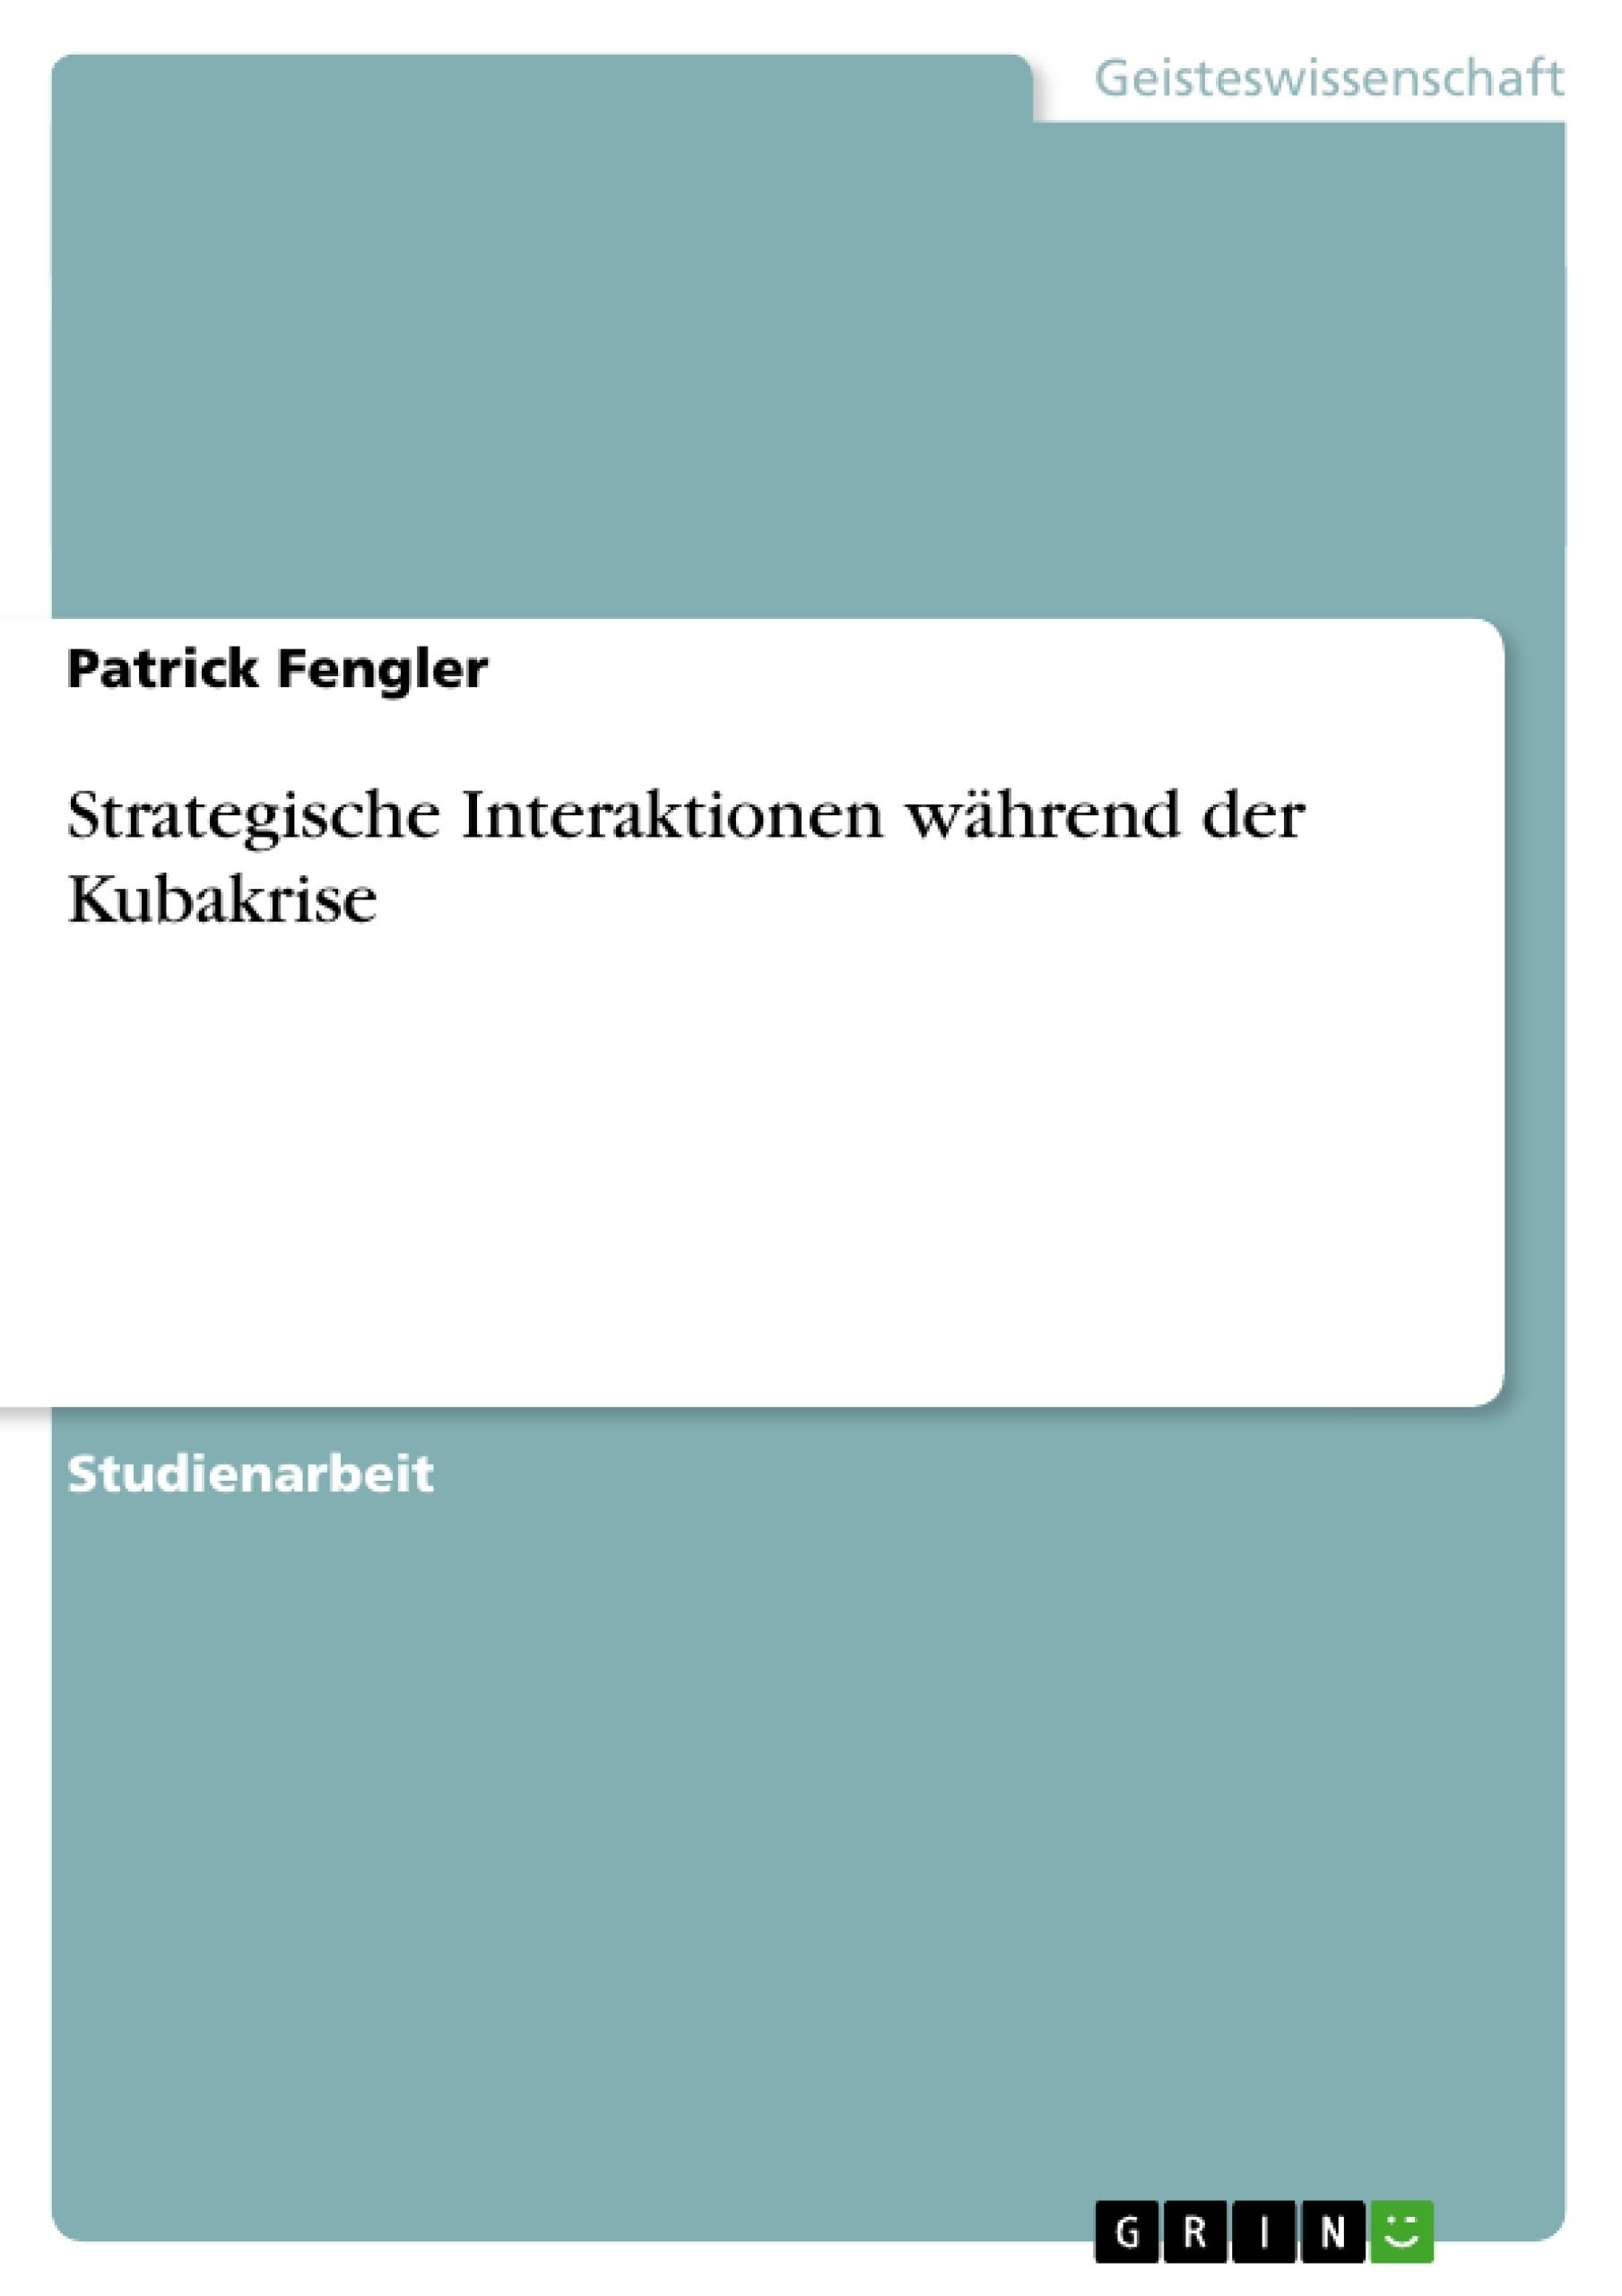 Titel: Strategische Interaktionen während der Kubakrise